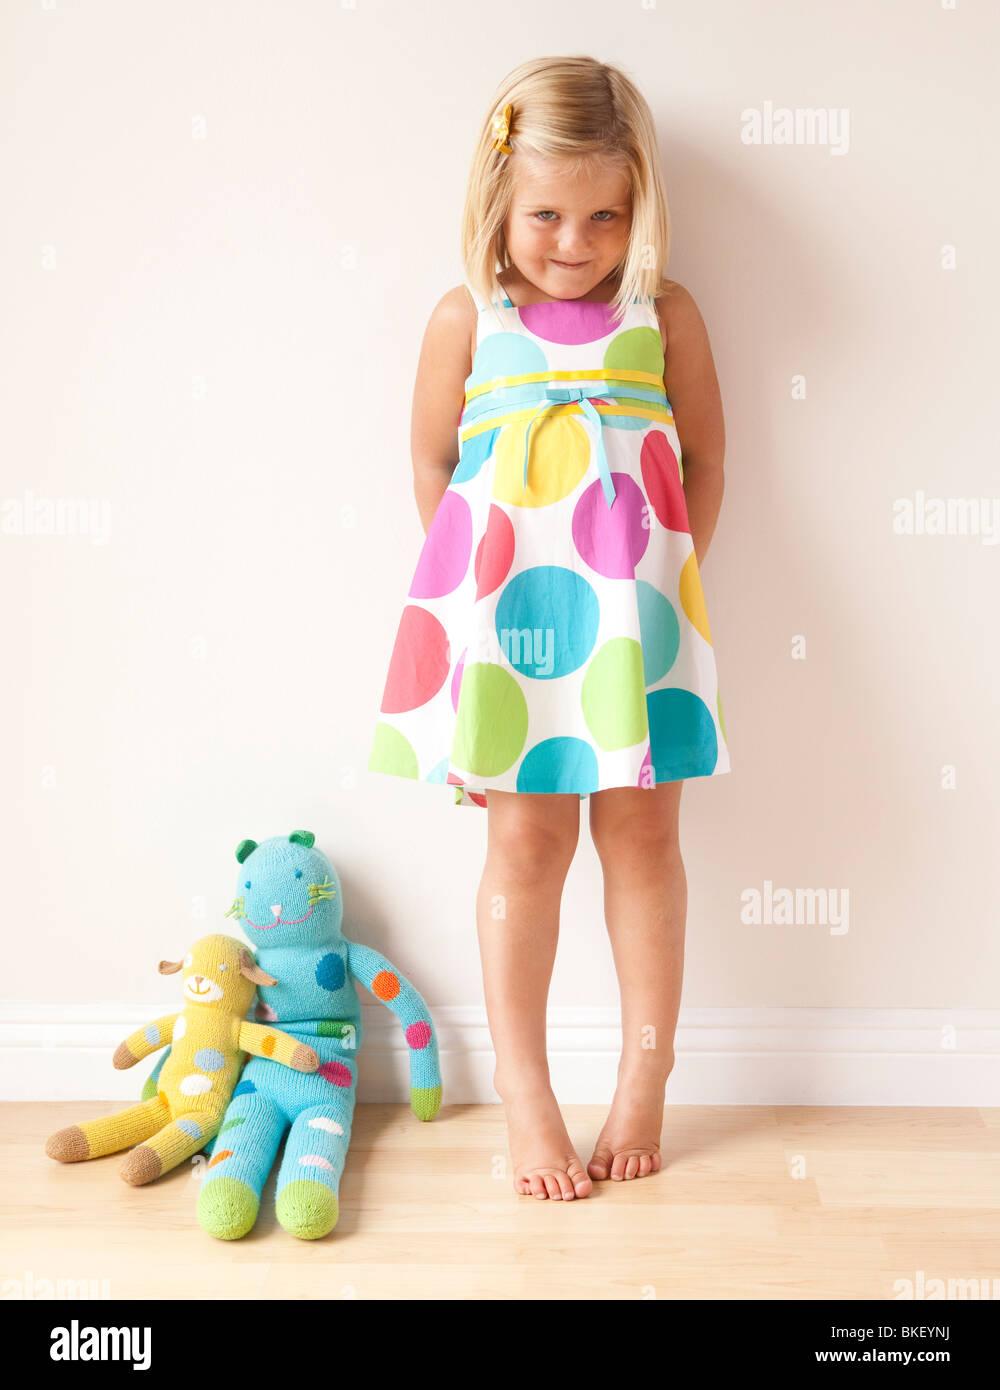 Bashful girl in polka dot dress - Stock Image